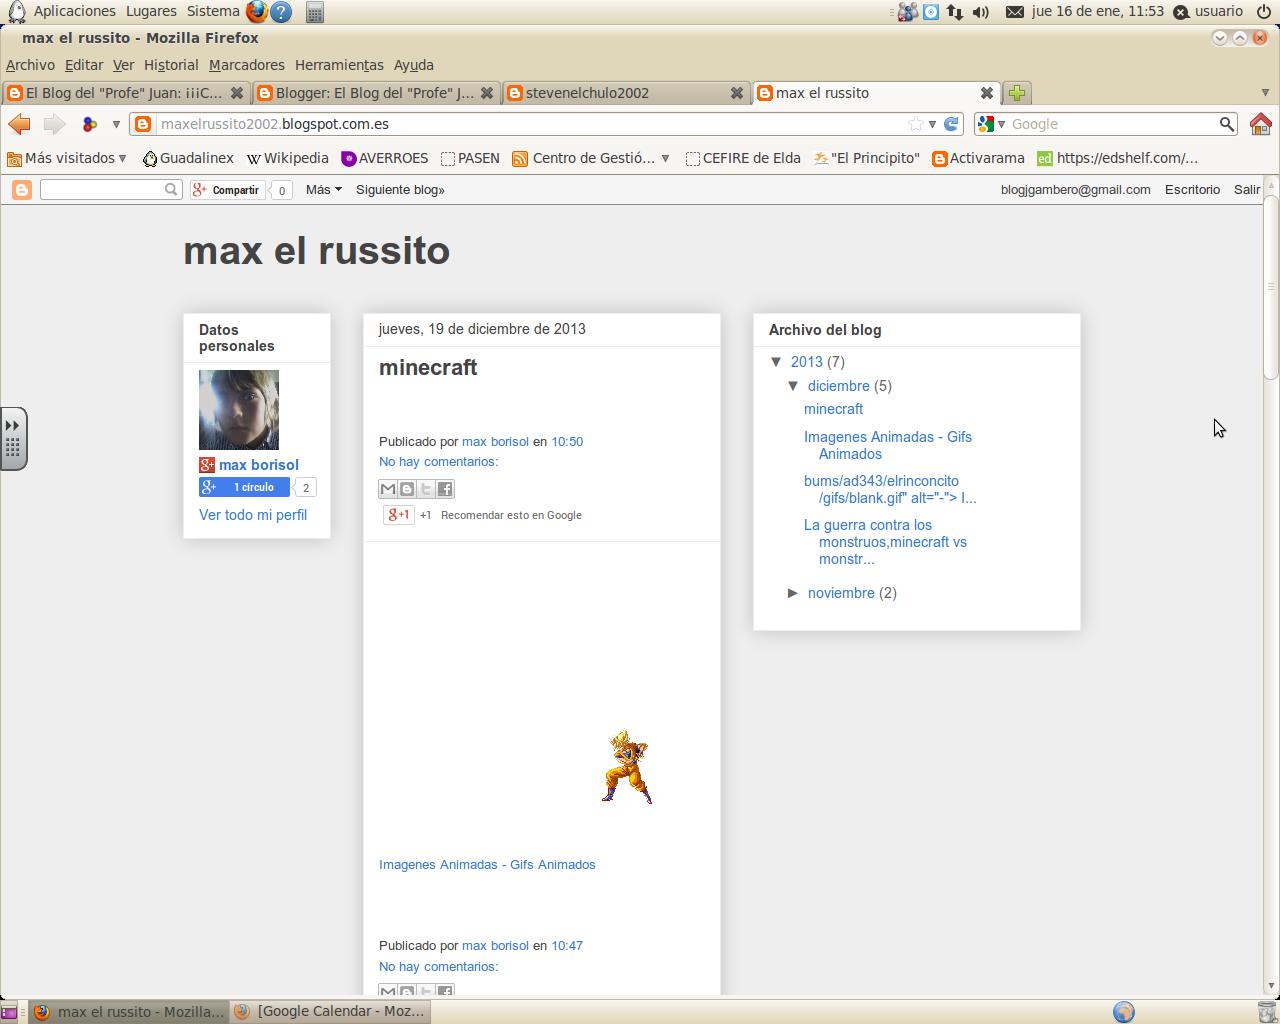 http://maxelrussito2002.blogspot.com.es/